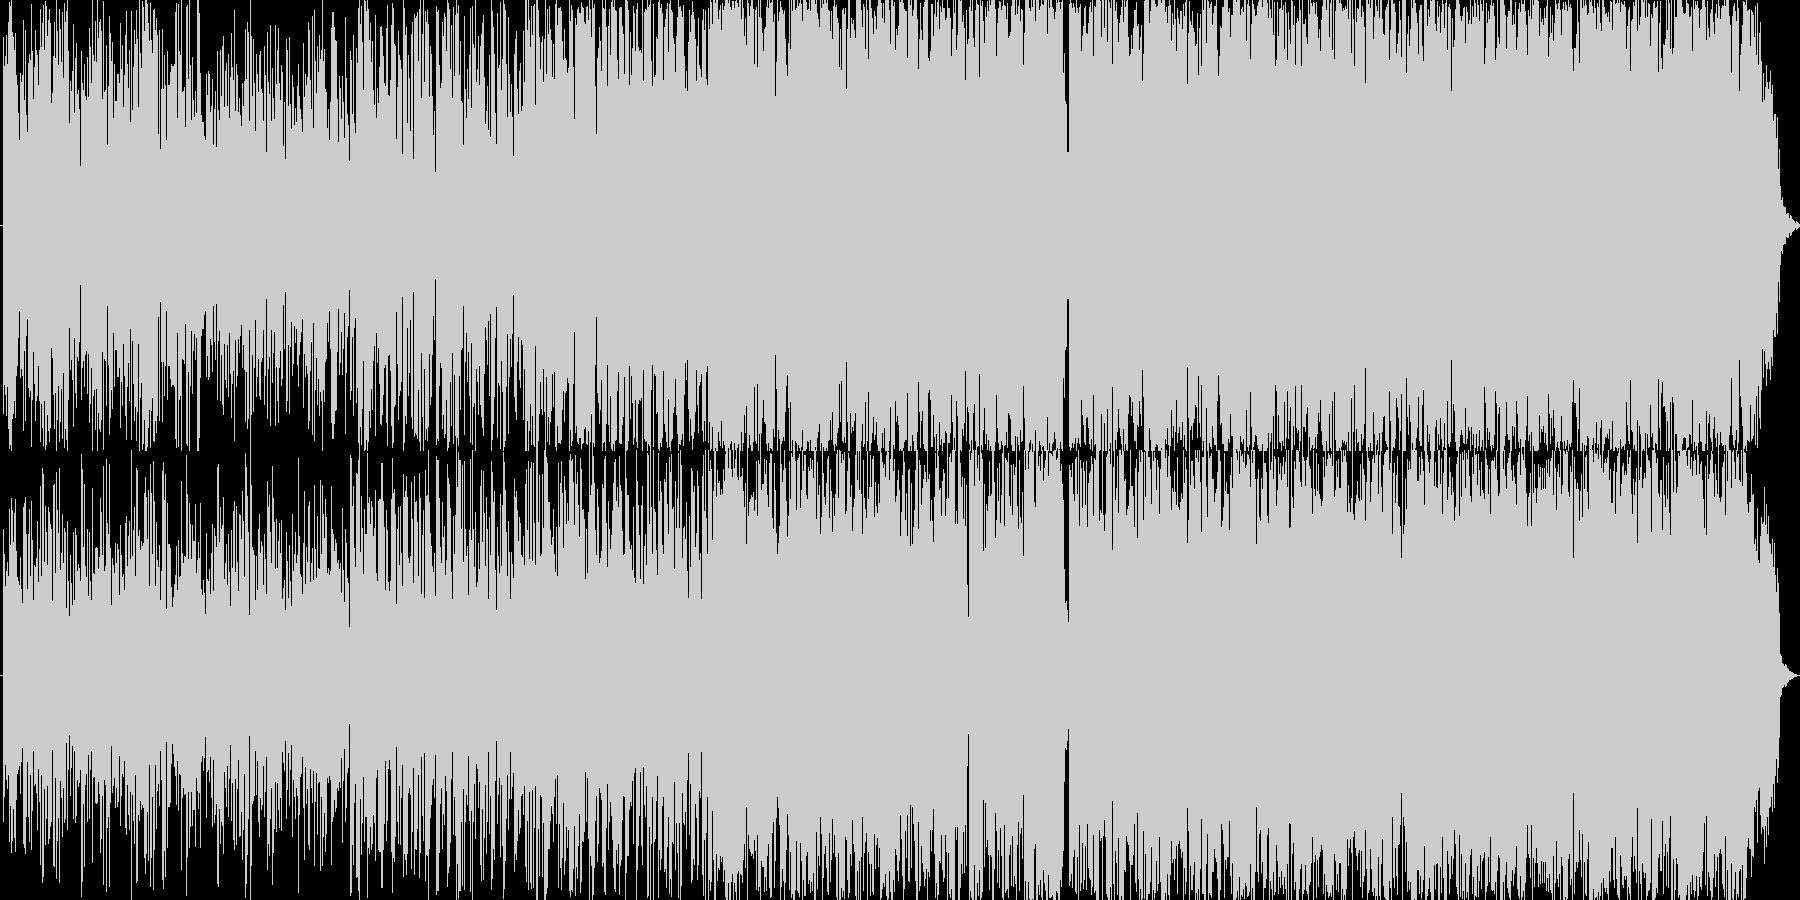 重たく迫力のあるサウンドの未再生の波形